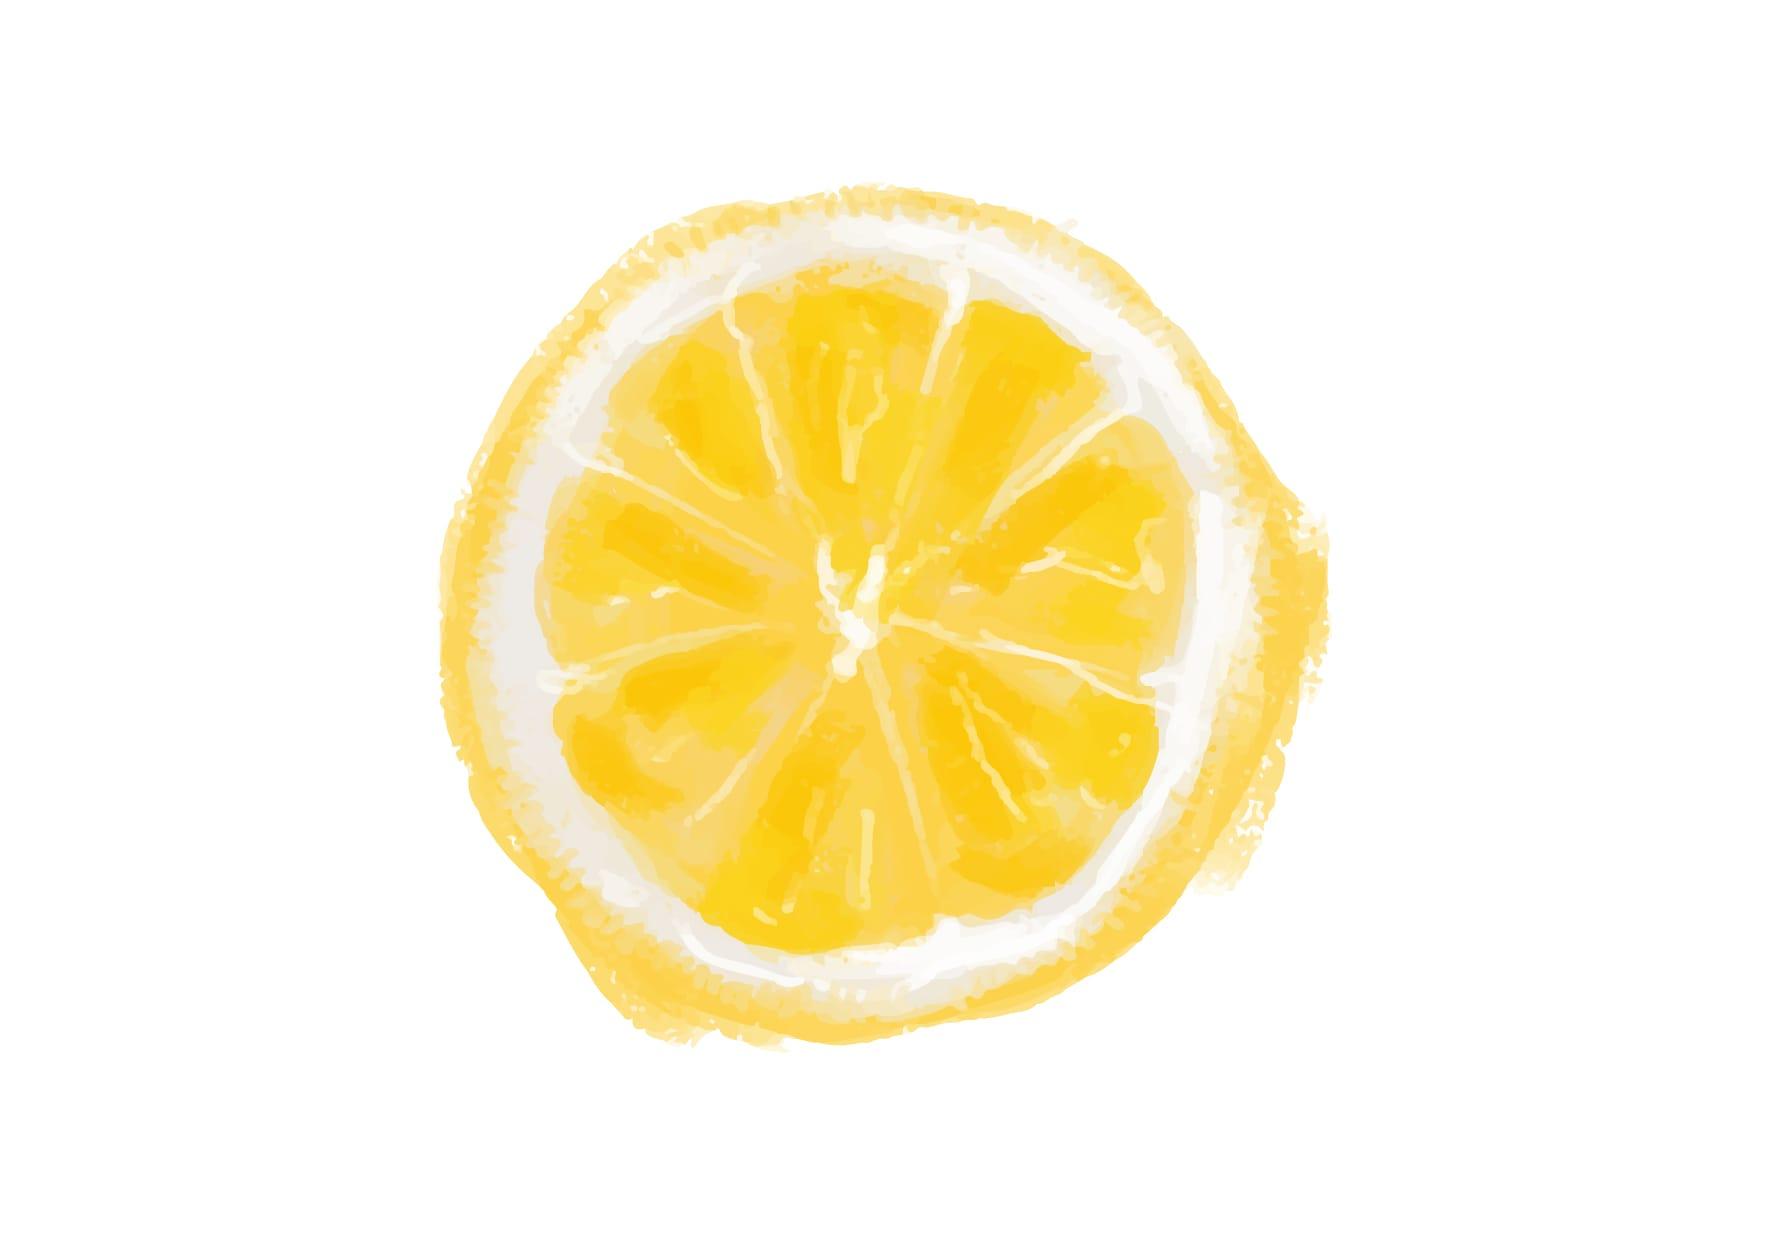 手書きイラスト無料|手書き オレンジ 1つ3